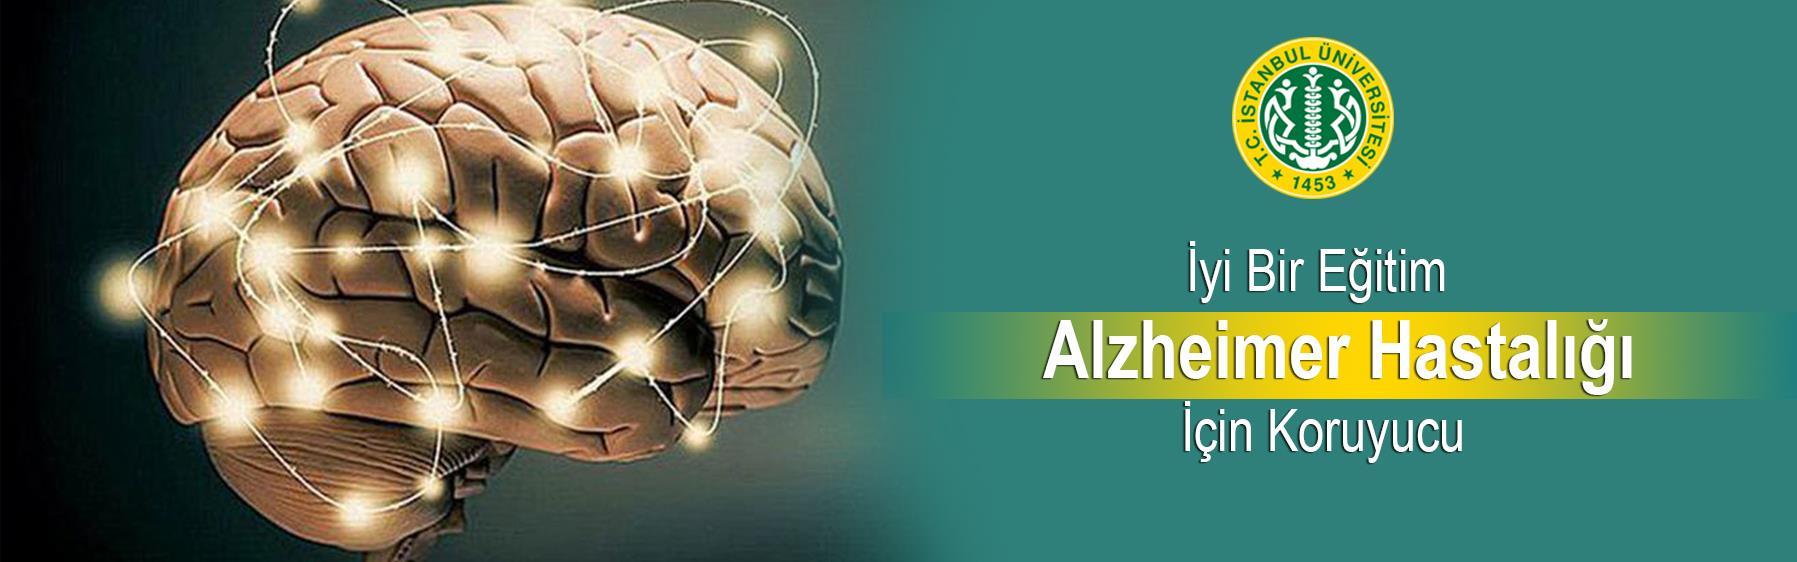 İyi-Bir-Eğitim-Alzheimer-Hastalığı-İçin-Koruyucu